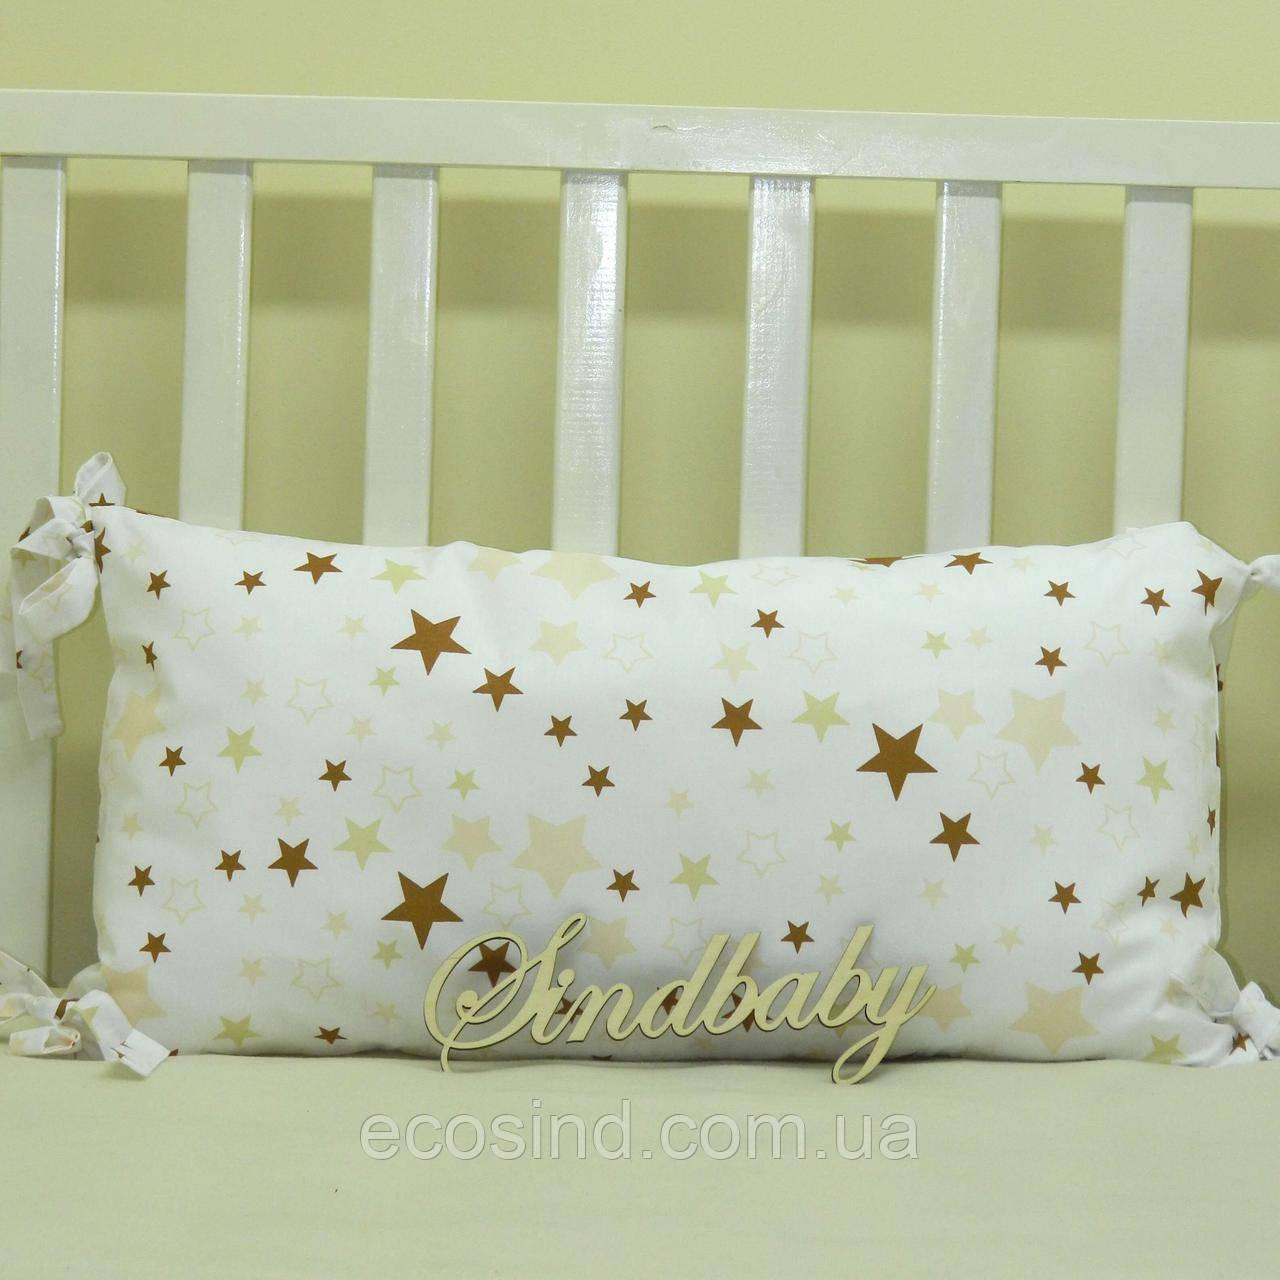 Бортики подушки в кроватку, Подушка 30х60 -40